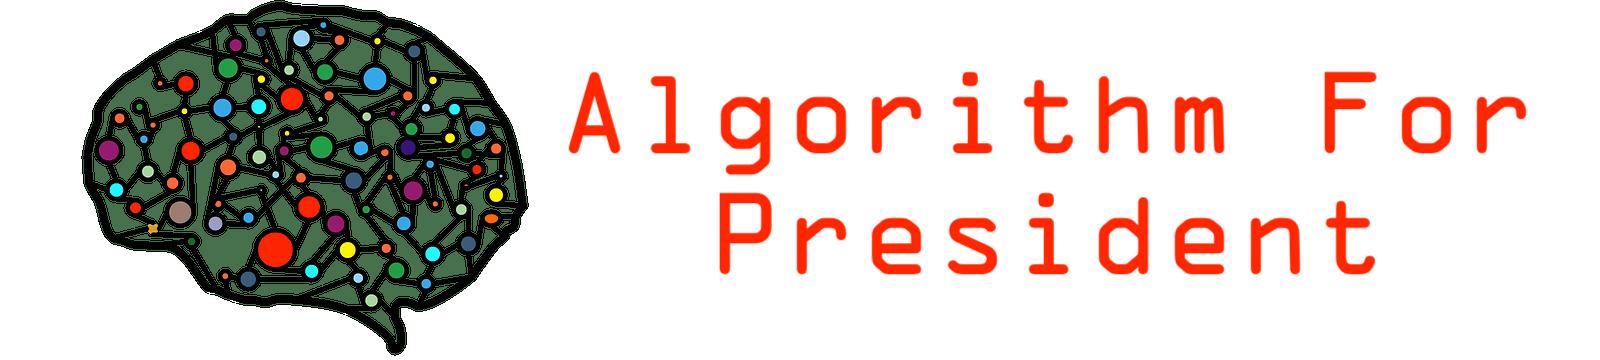 Algorithm for President 2020